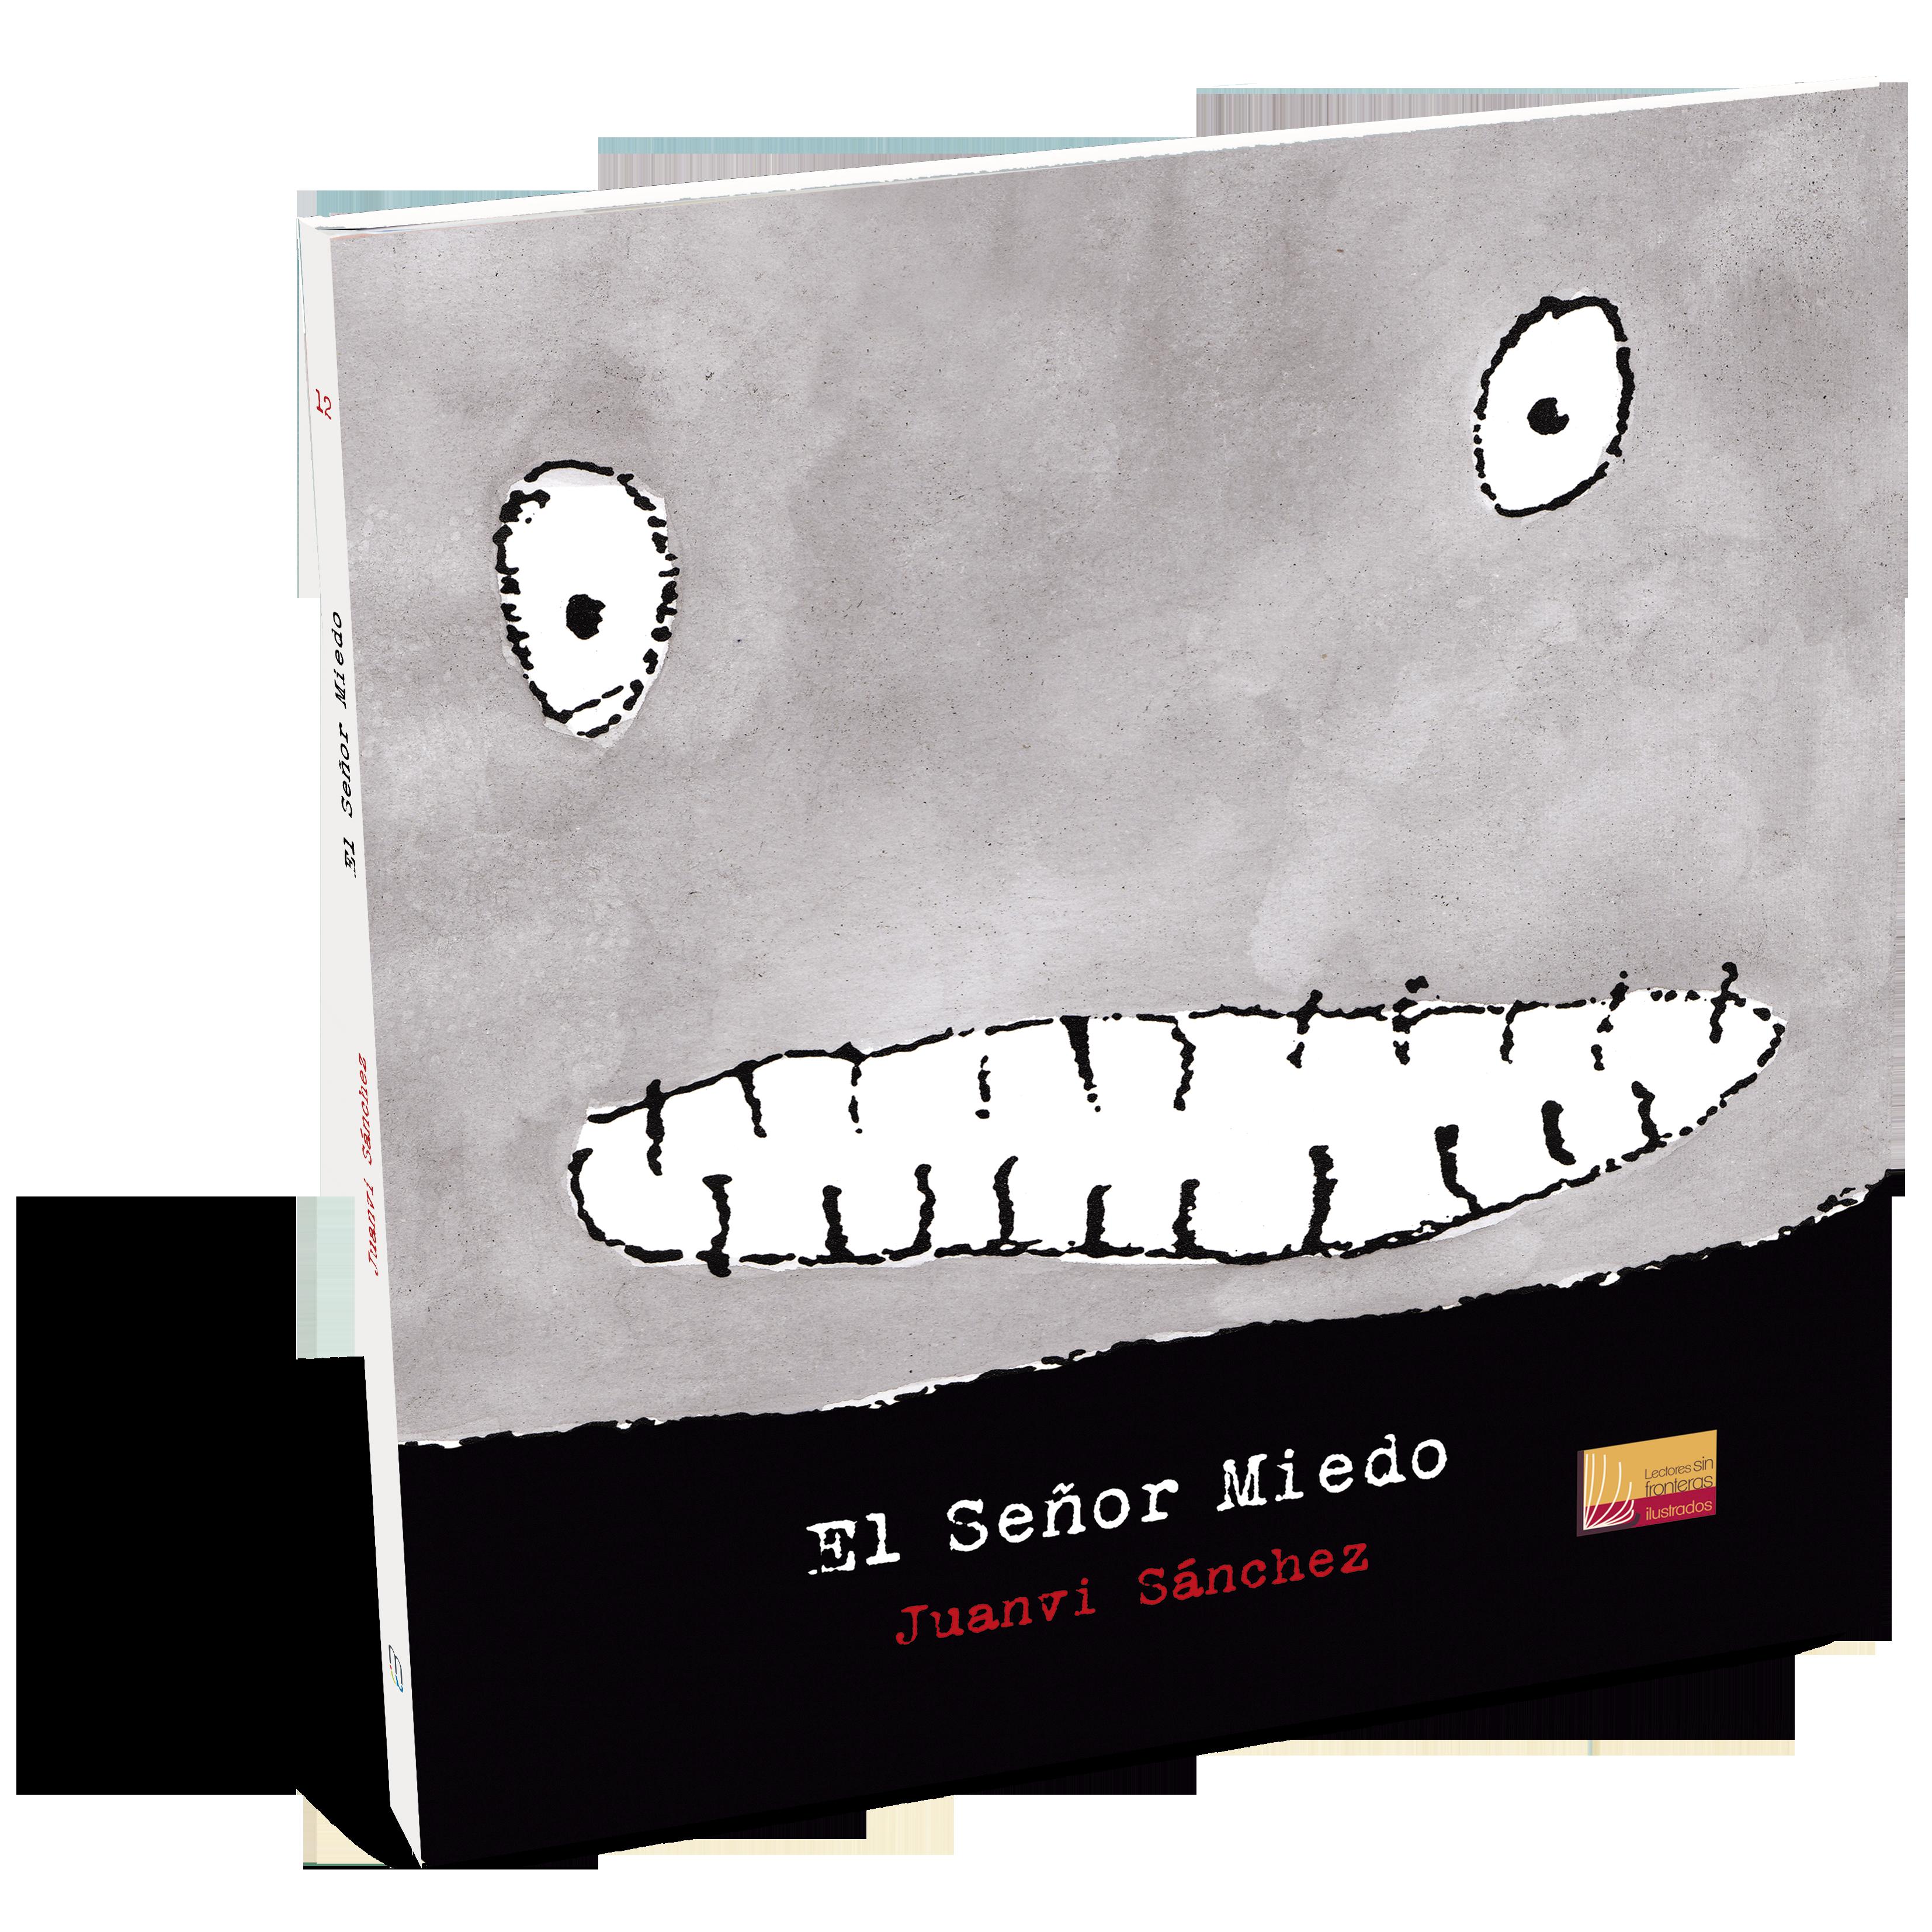 Señor-miedo